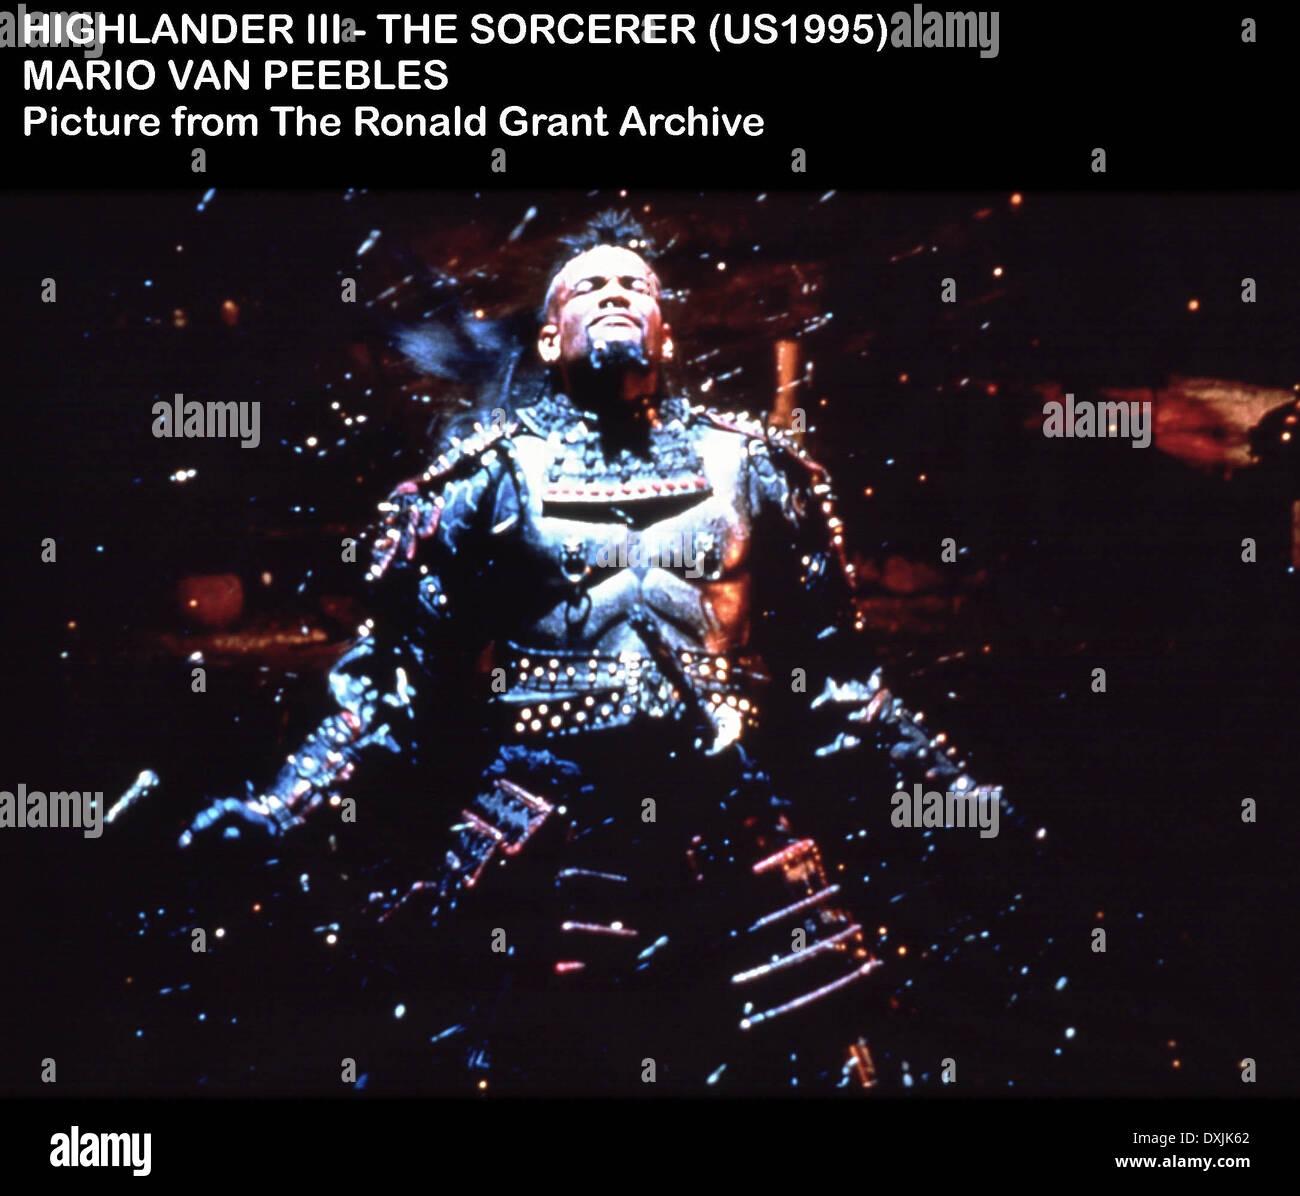 HIGHLANDER III THE SORCERER - Stock Image